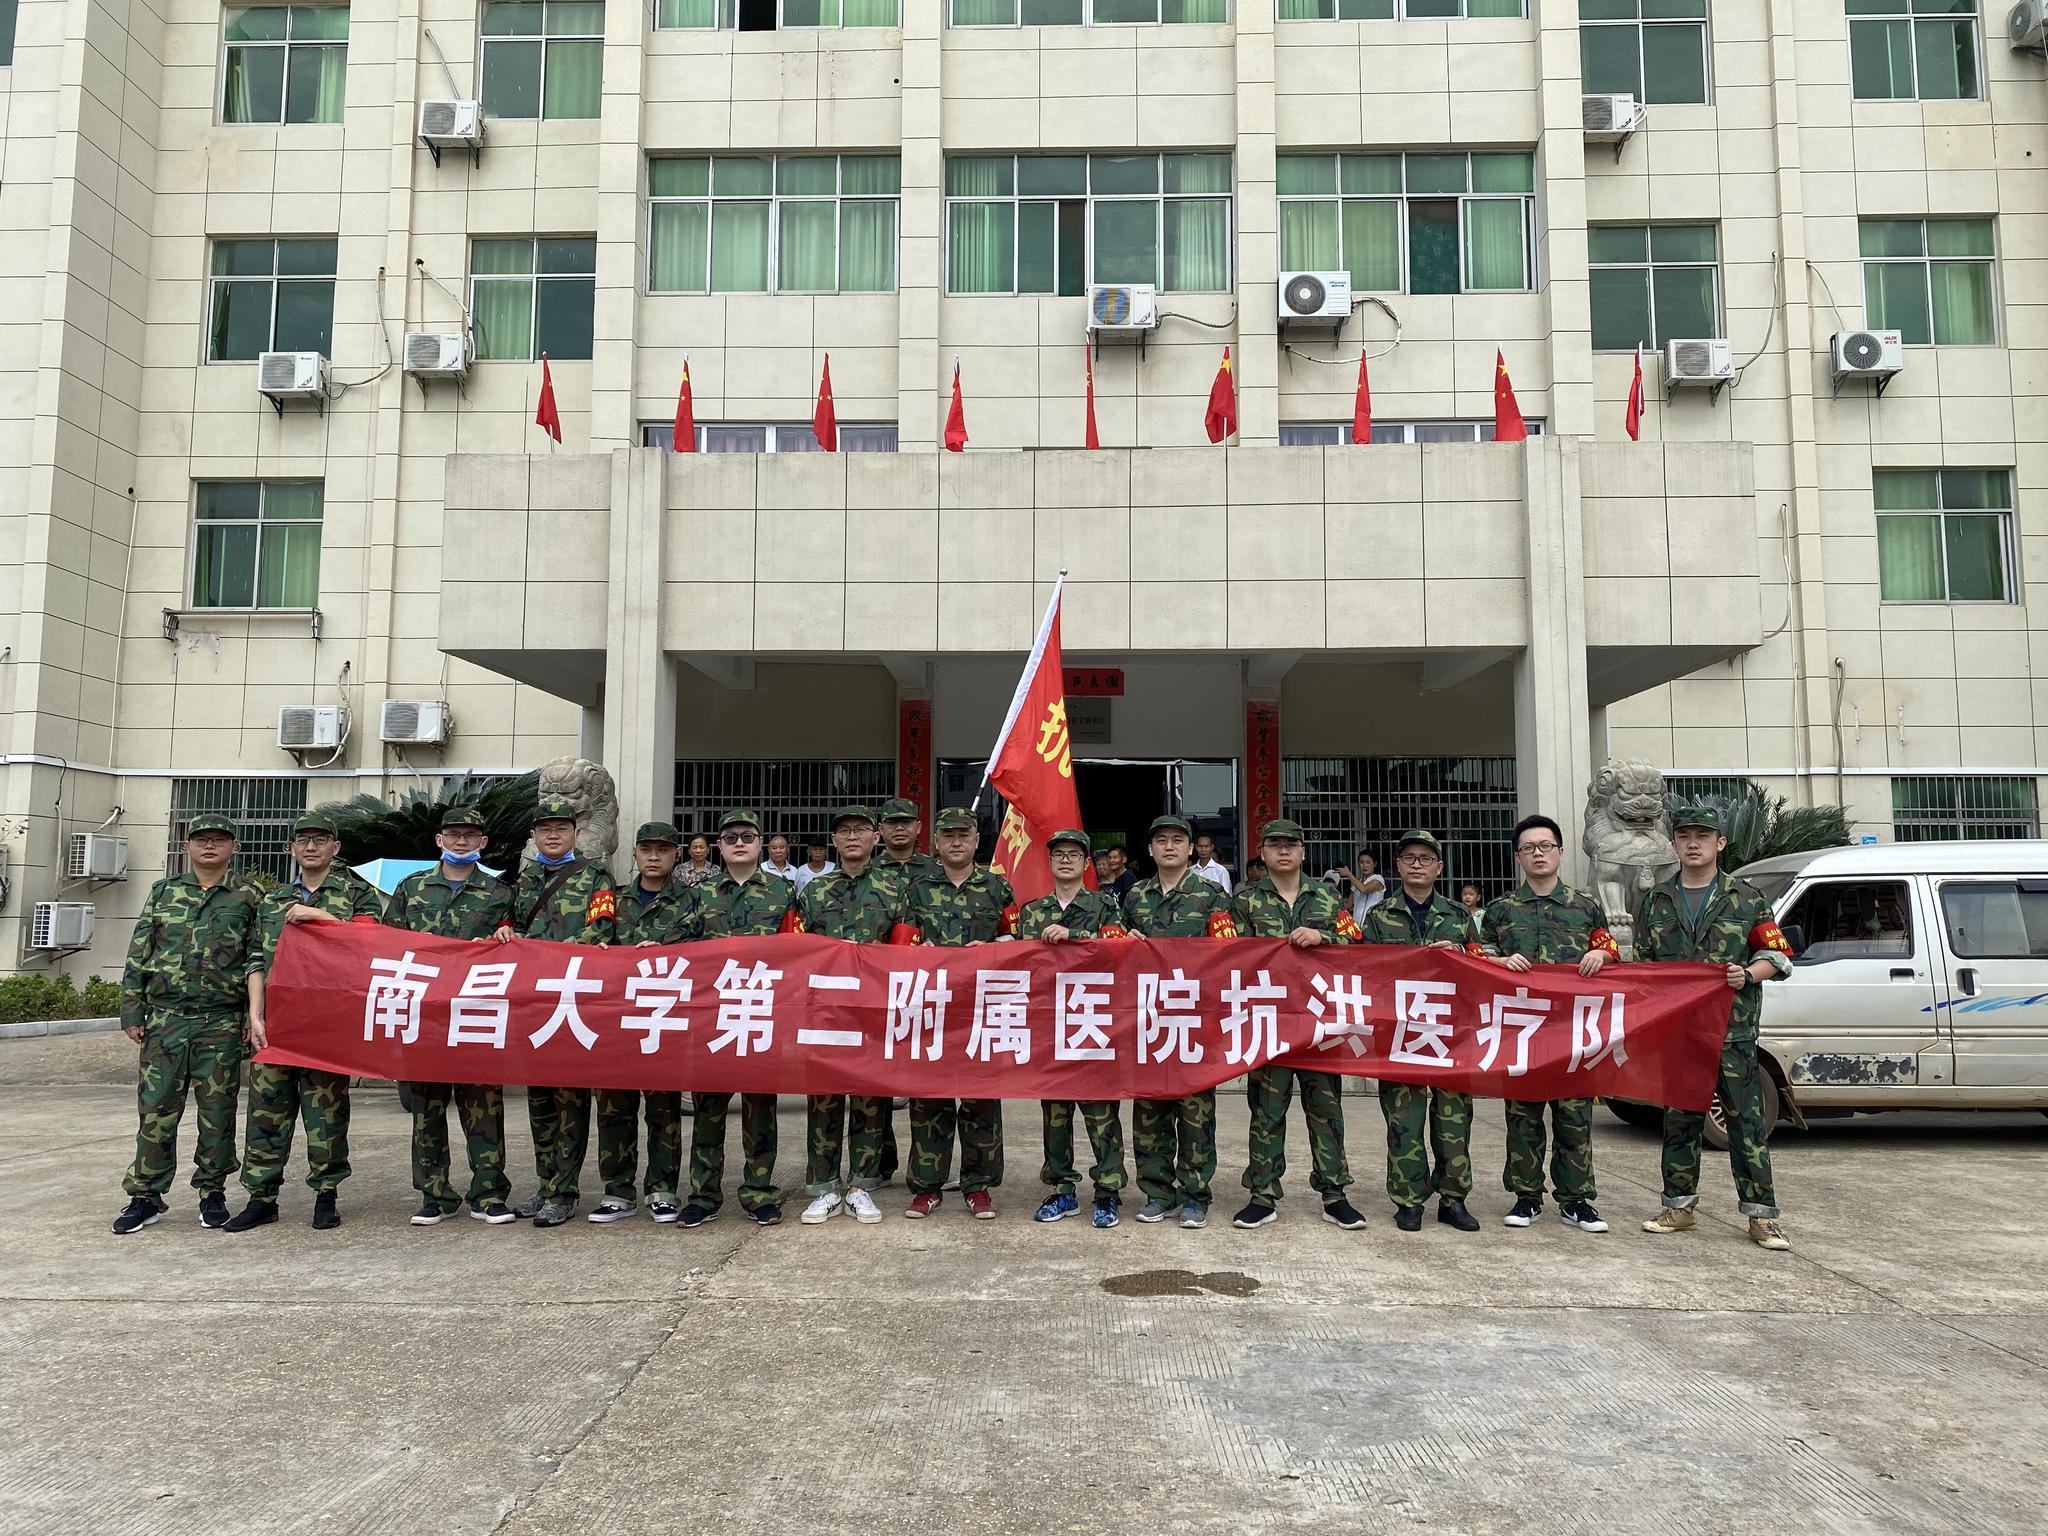 7月18日,南昌大学第二附属医院组成了15人的抗洪医疗队抵达九江市都昌县。(右一为帕让甘鹏燃)受访者供图